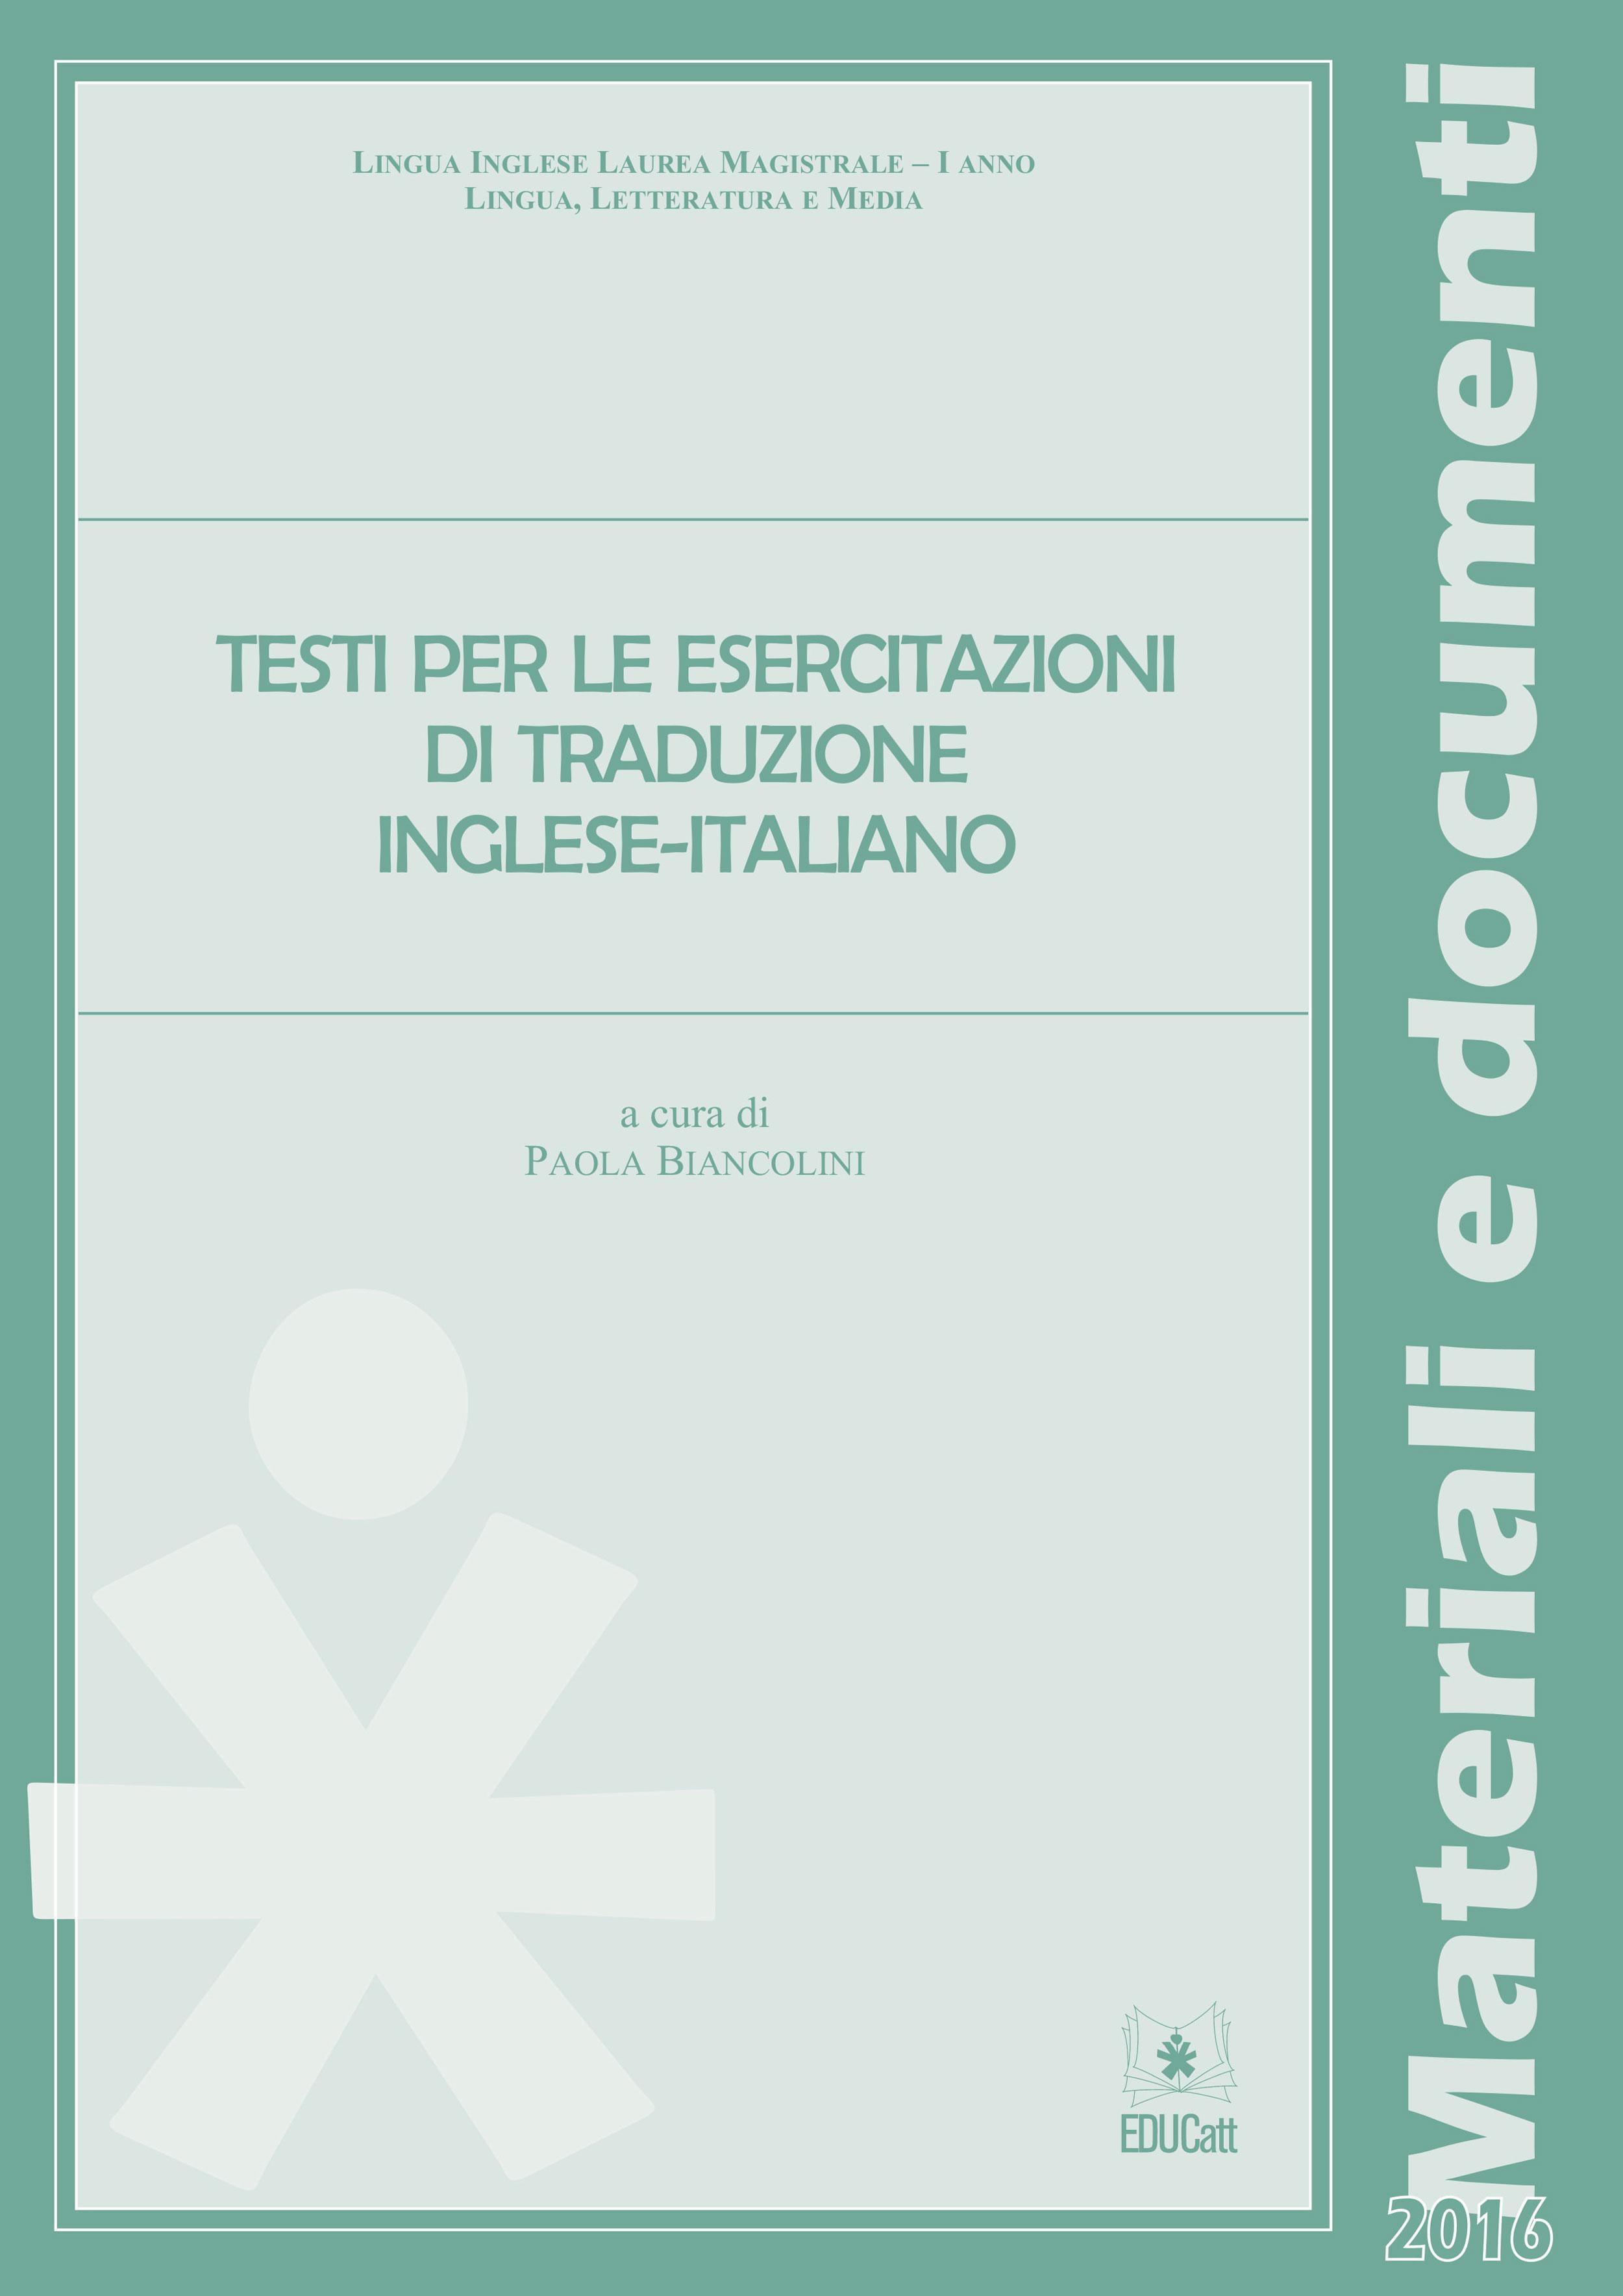 TESTI PER LE ESERCITAZIONI DI TRADUZIONE INGLESE - ITALIANO 2016 (VERDE)